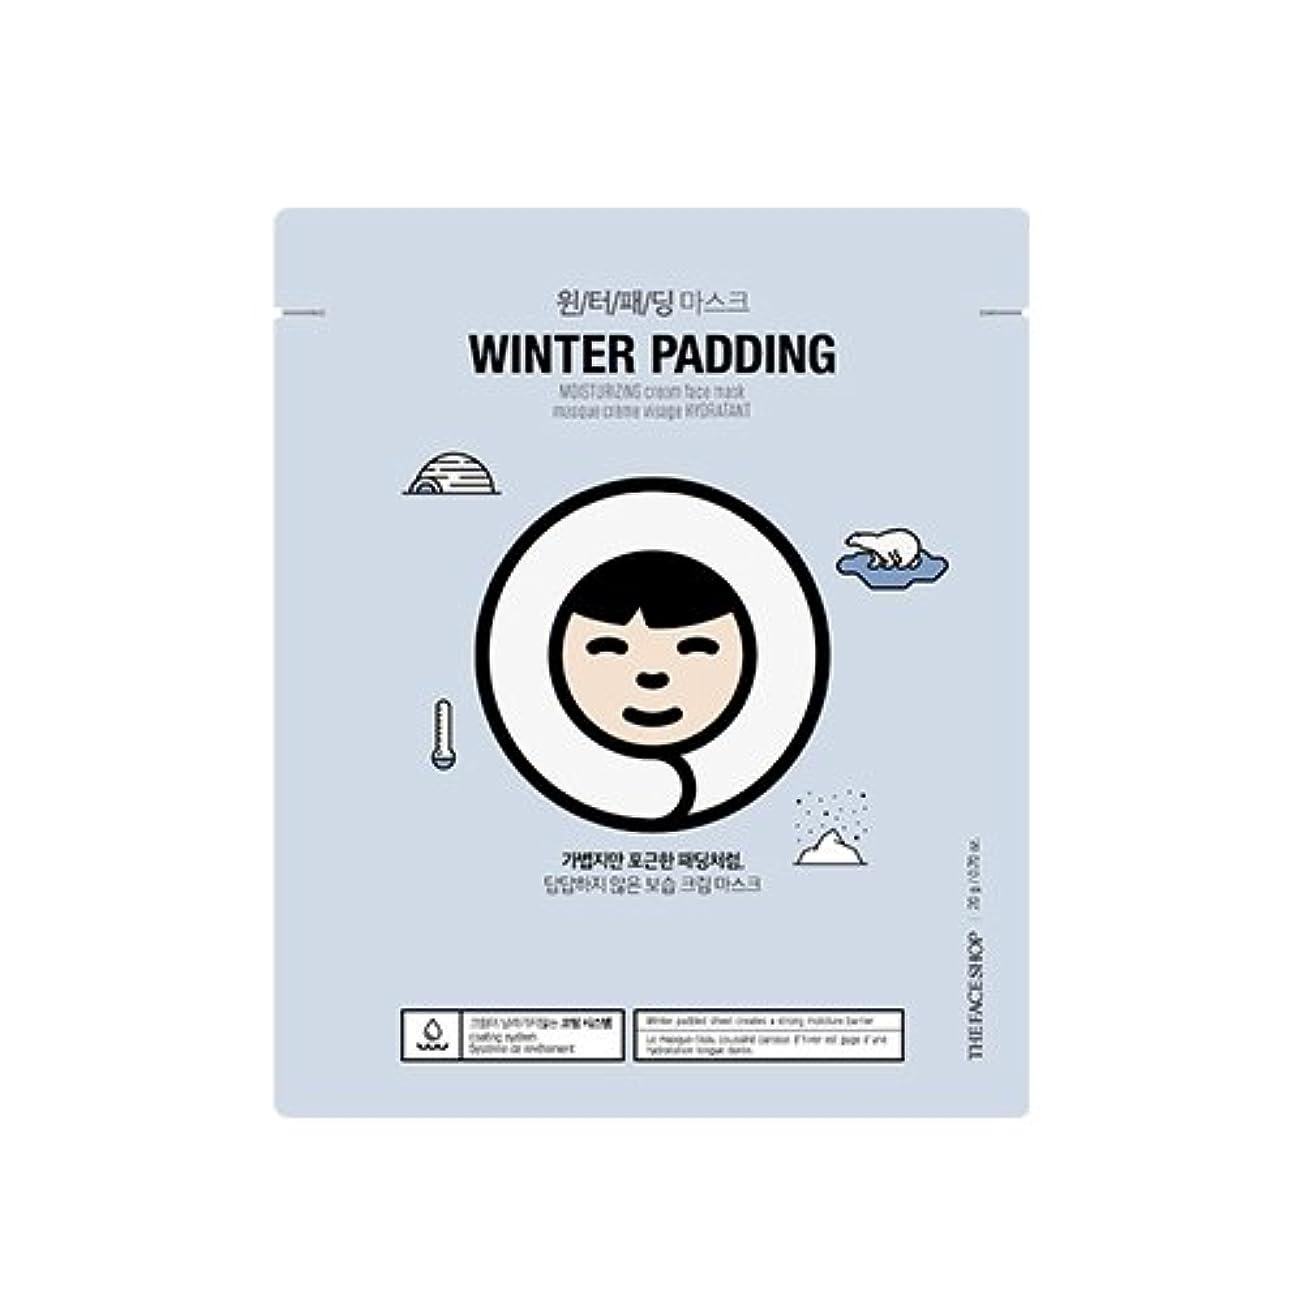 作り贅沢努力するTHE FACE SHOP Winter Padding Cream Mask (5EA) (1. Moisturizing Cream Mask) / ザフェイスショップ ウインター パッディング クリームマスク(5枚) [並行輸入品]